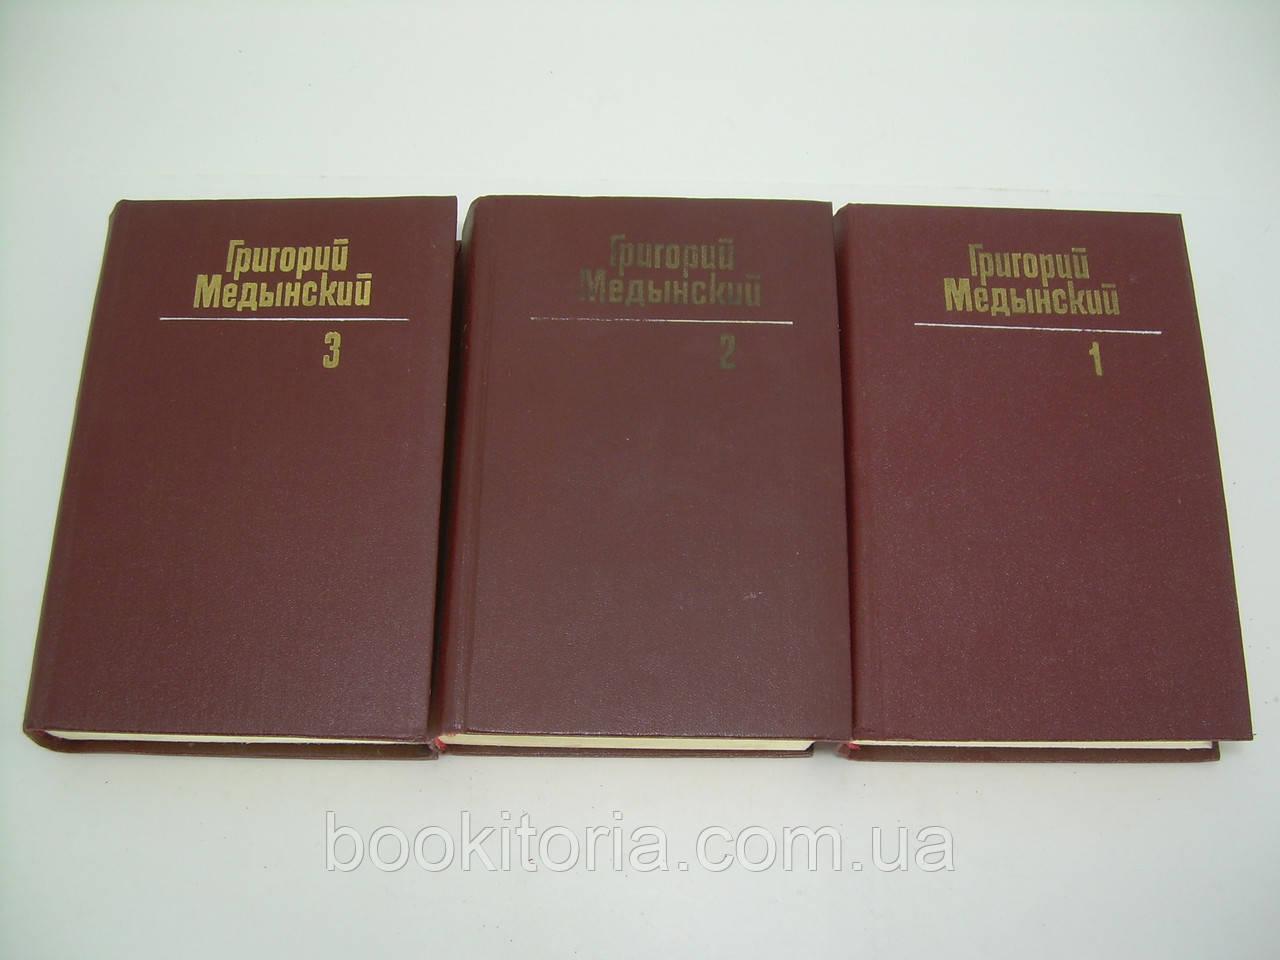 Медынский Г. Собрание сочинений в трех томах (б/у).